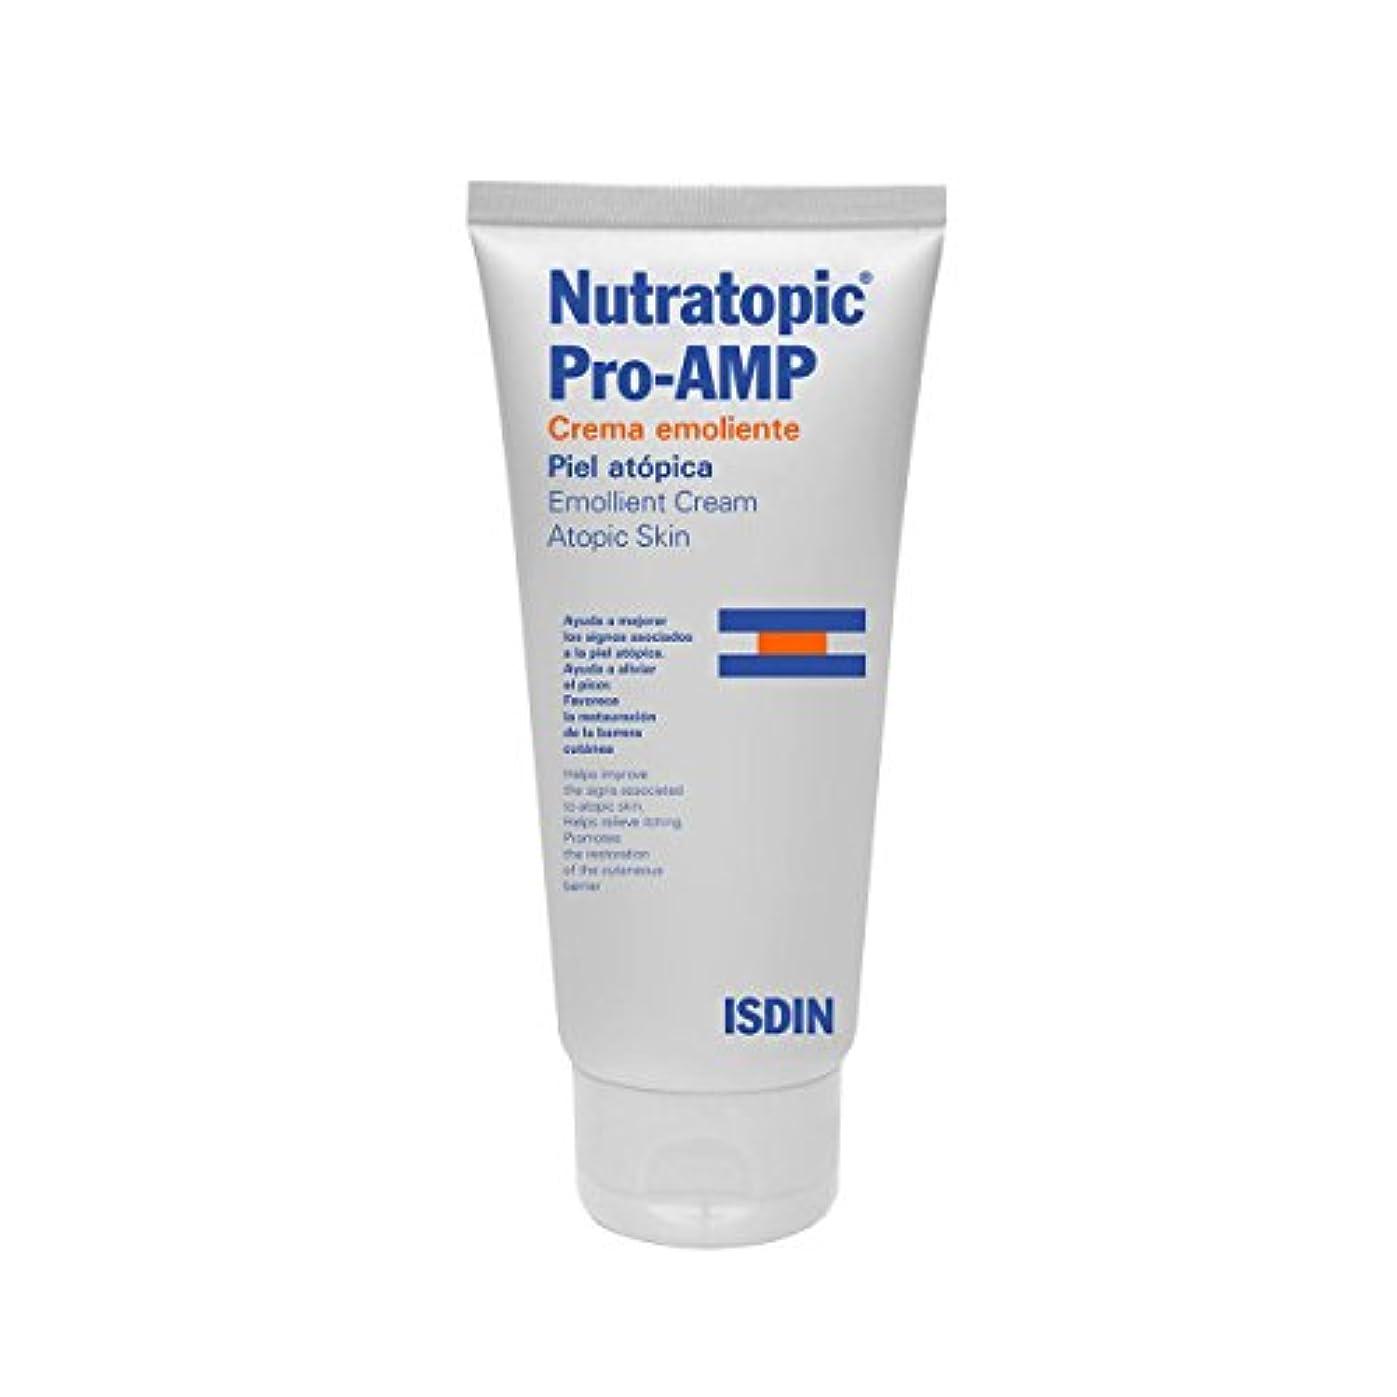 刺激するきょうだいバングラデシュIsdin Nutratopic Emollient Cream 200ml [並行輸入品]